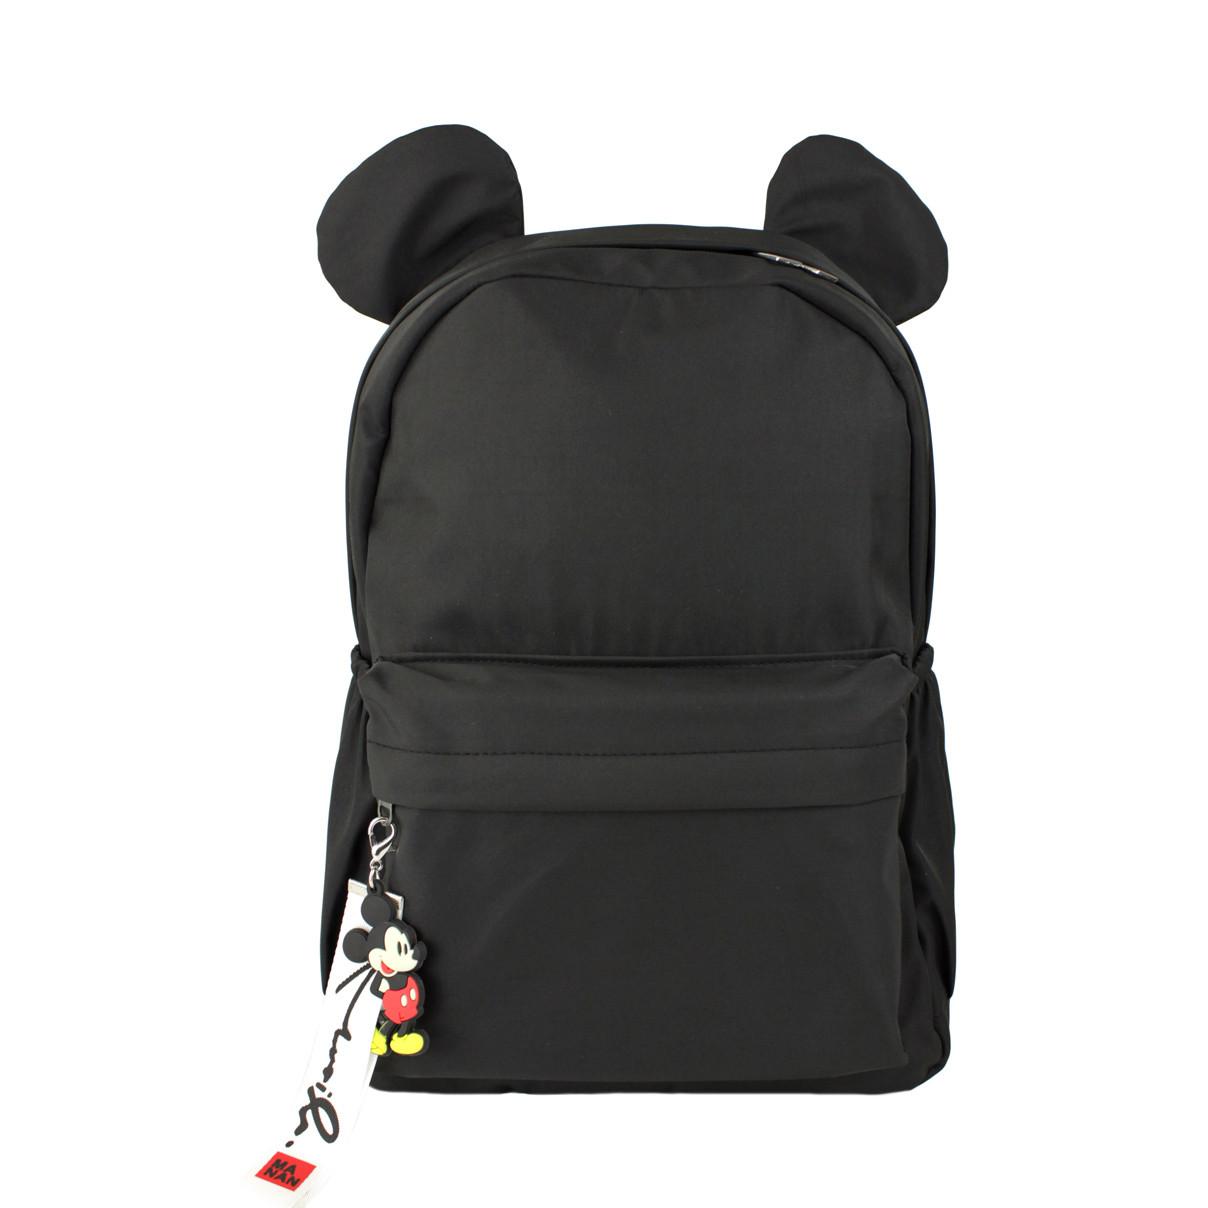 Рюкзак детский для девочек тканевый Ушки черный